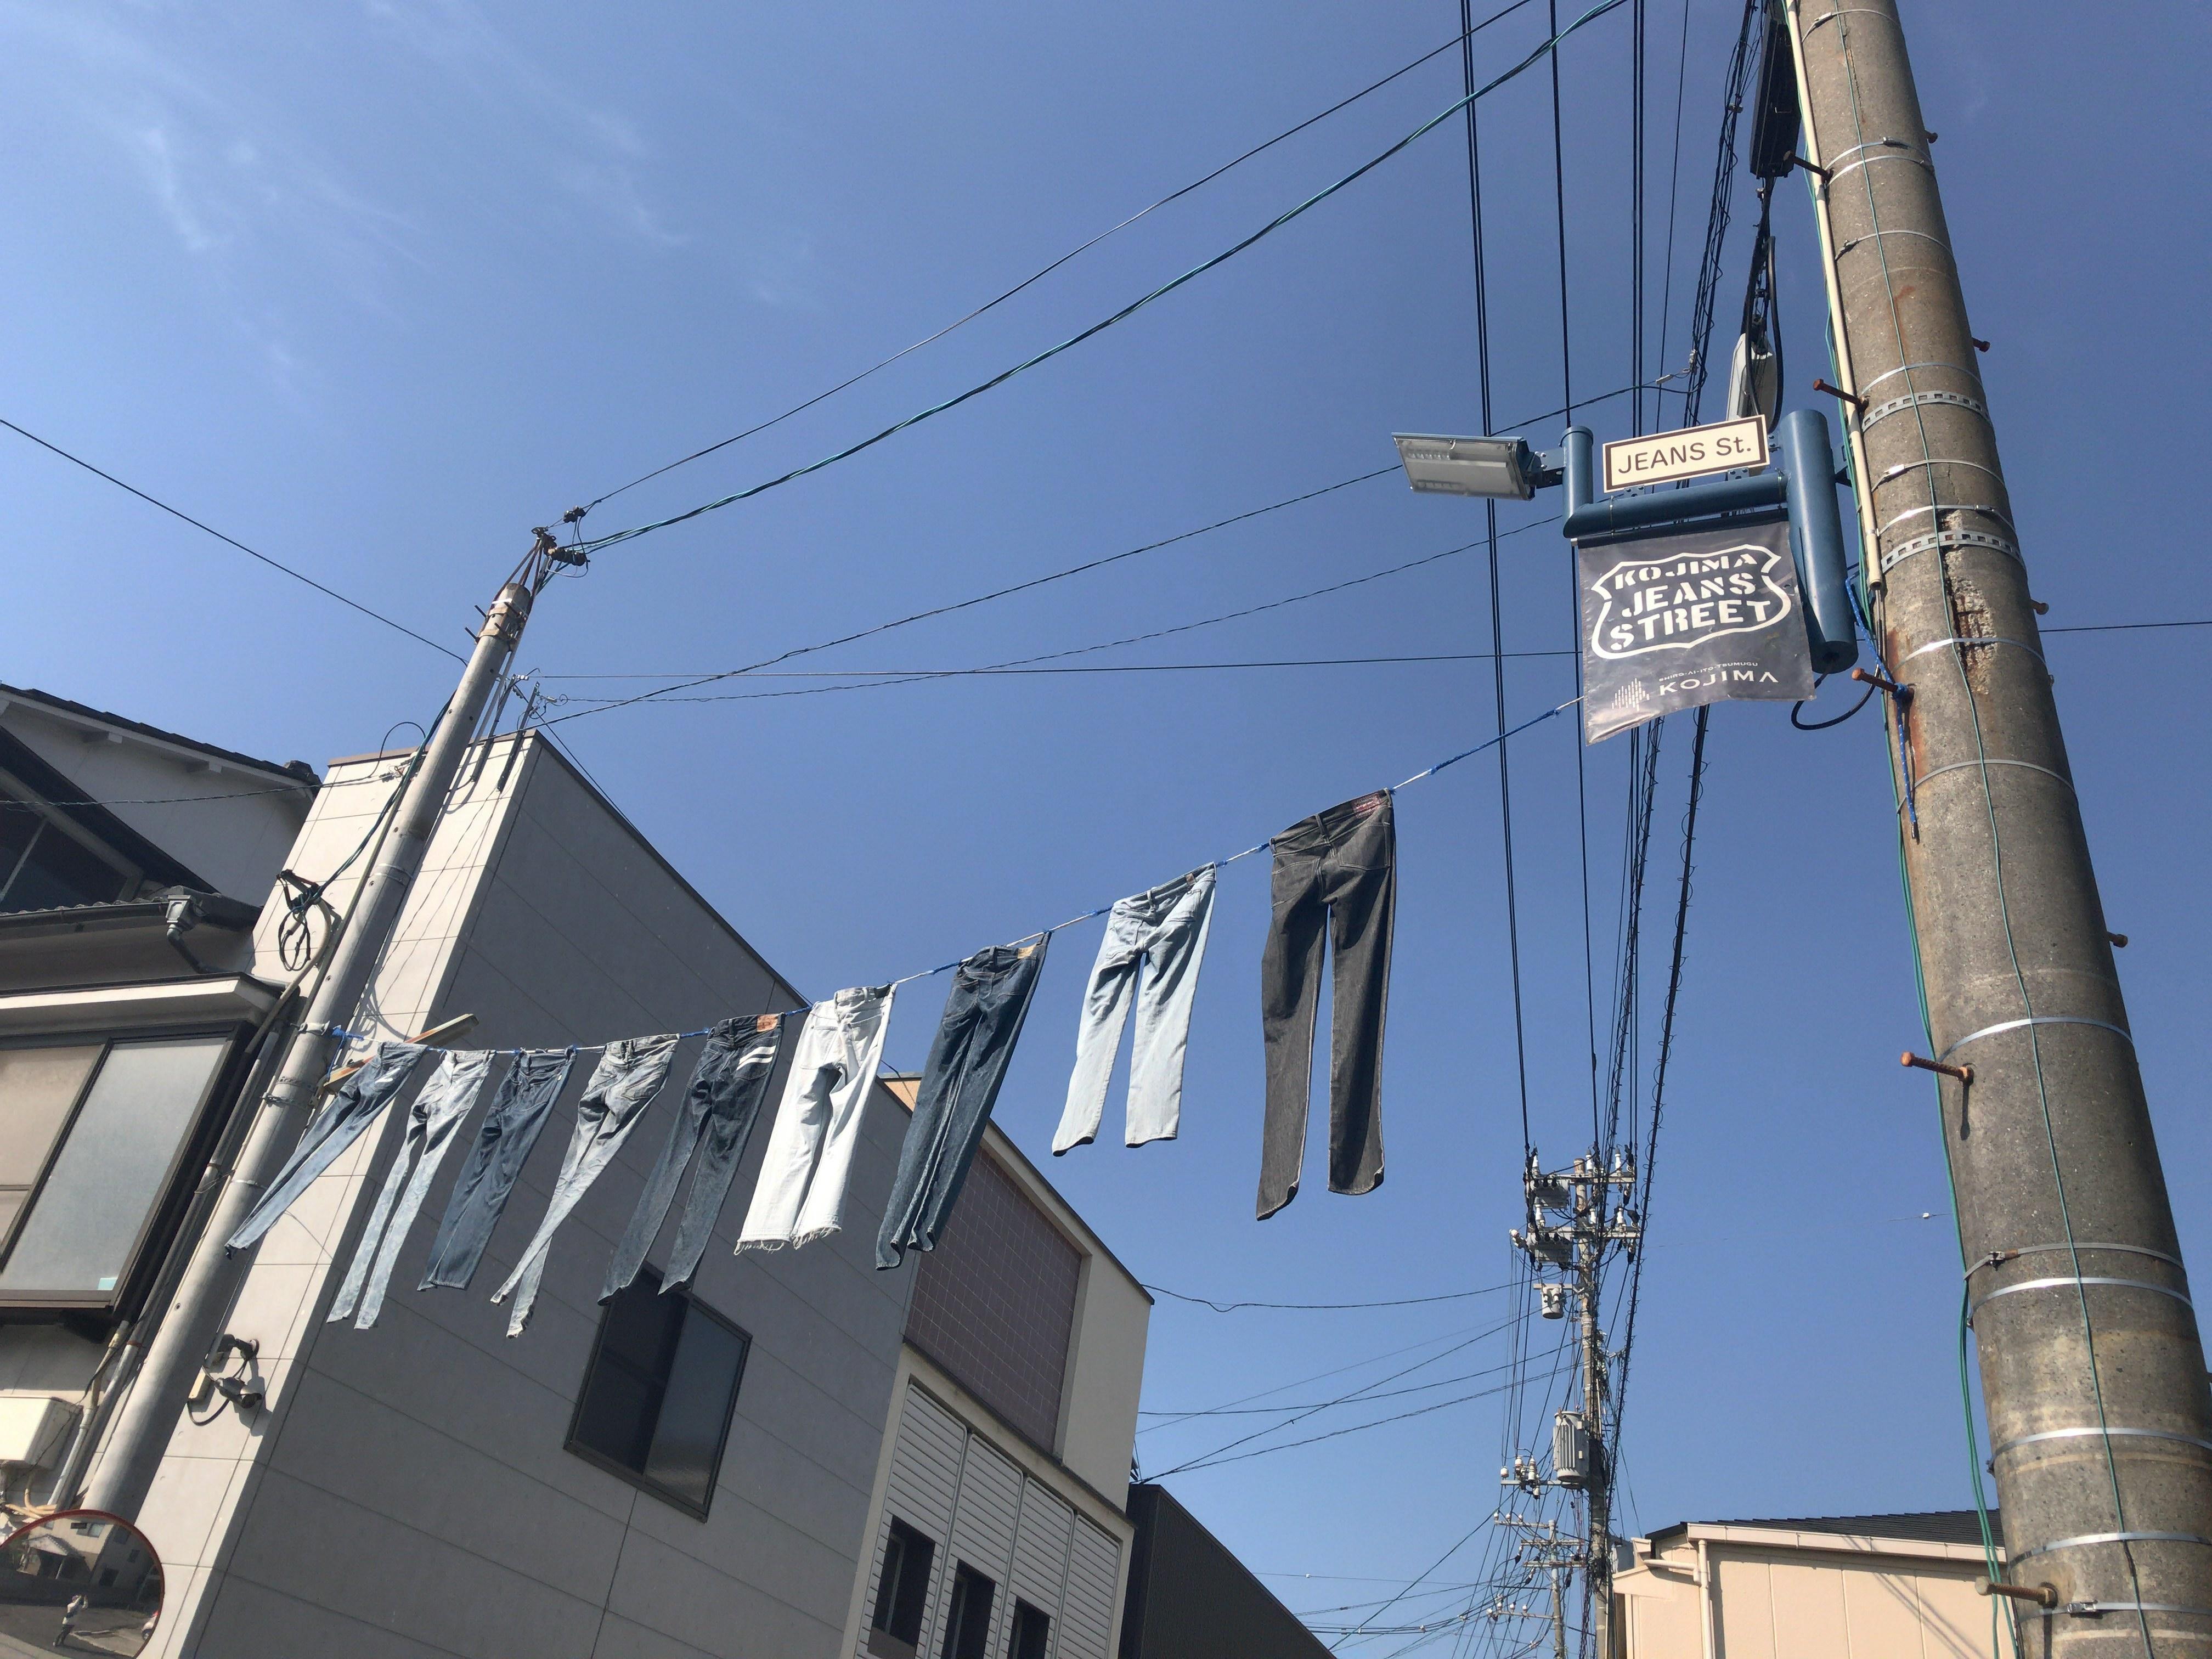 岡山の児島ジーンズストリートでの青空